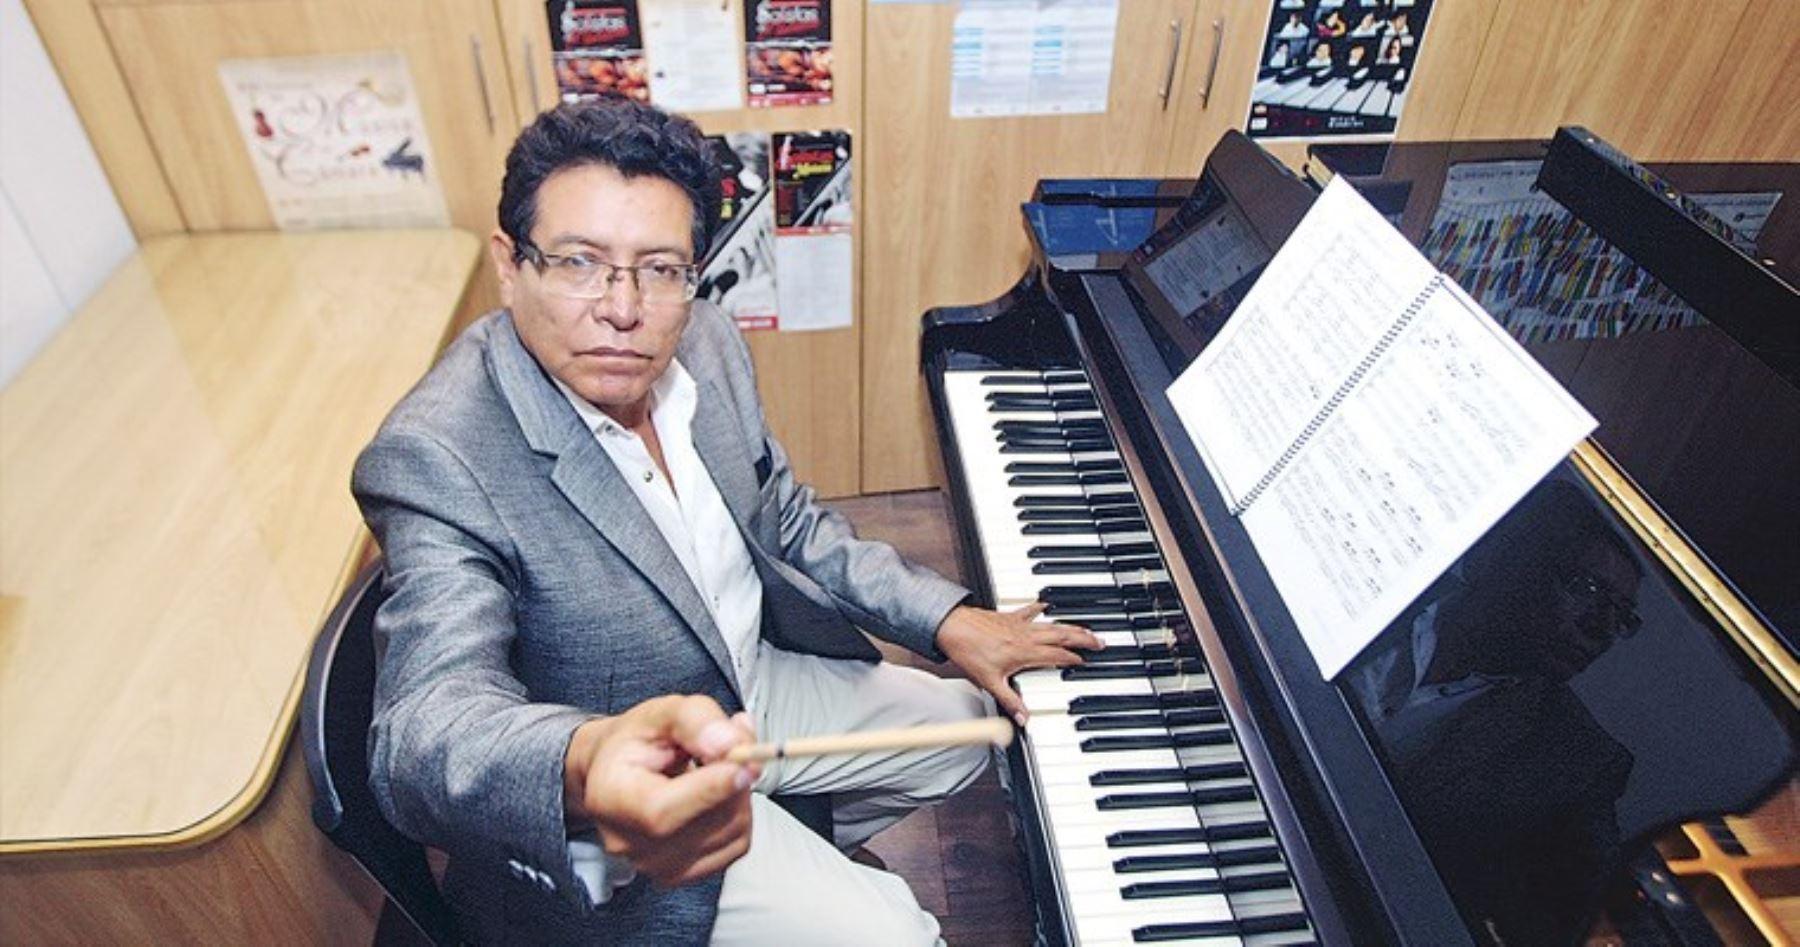 Músico, director de coros y orquestas, Wilfredo Tarazona Padilla, sostiene que niños, niñas y adolescentes tiene habilidades musicales que pueden desarrollar. Es responsable de exitoso programa Orquestando del Minedu.